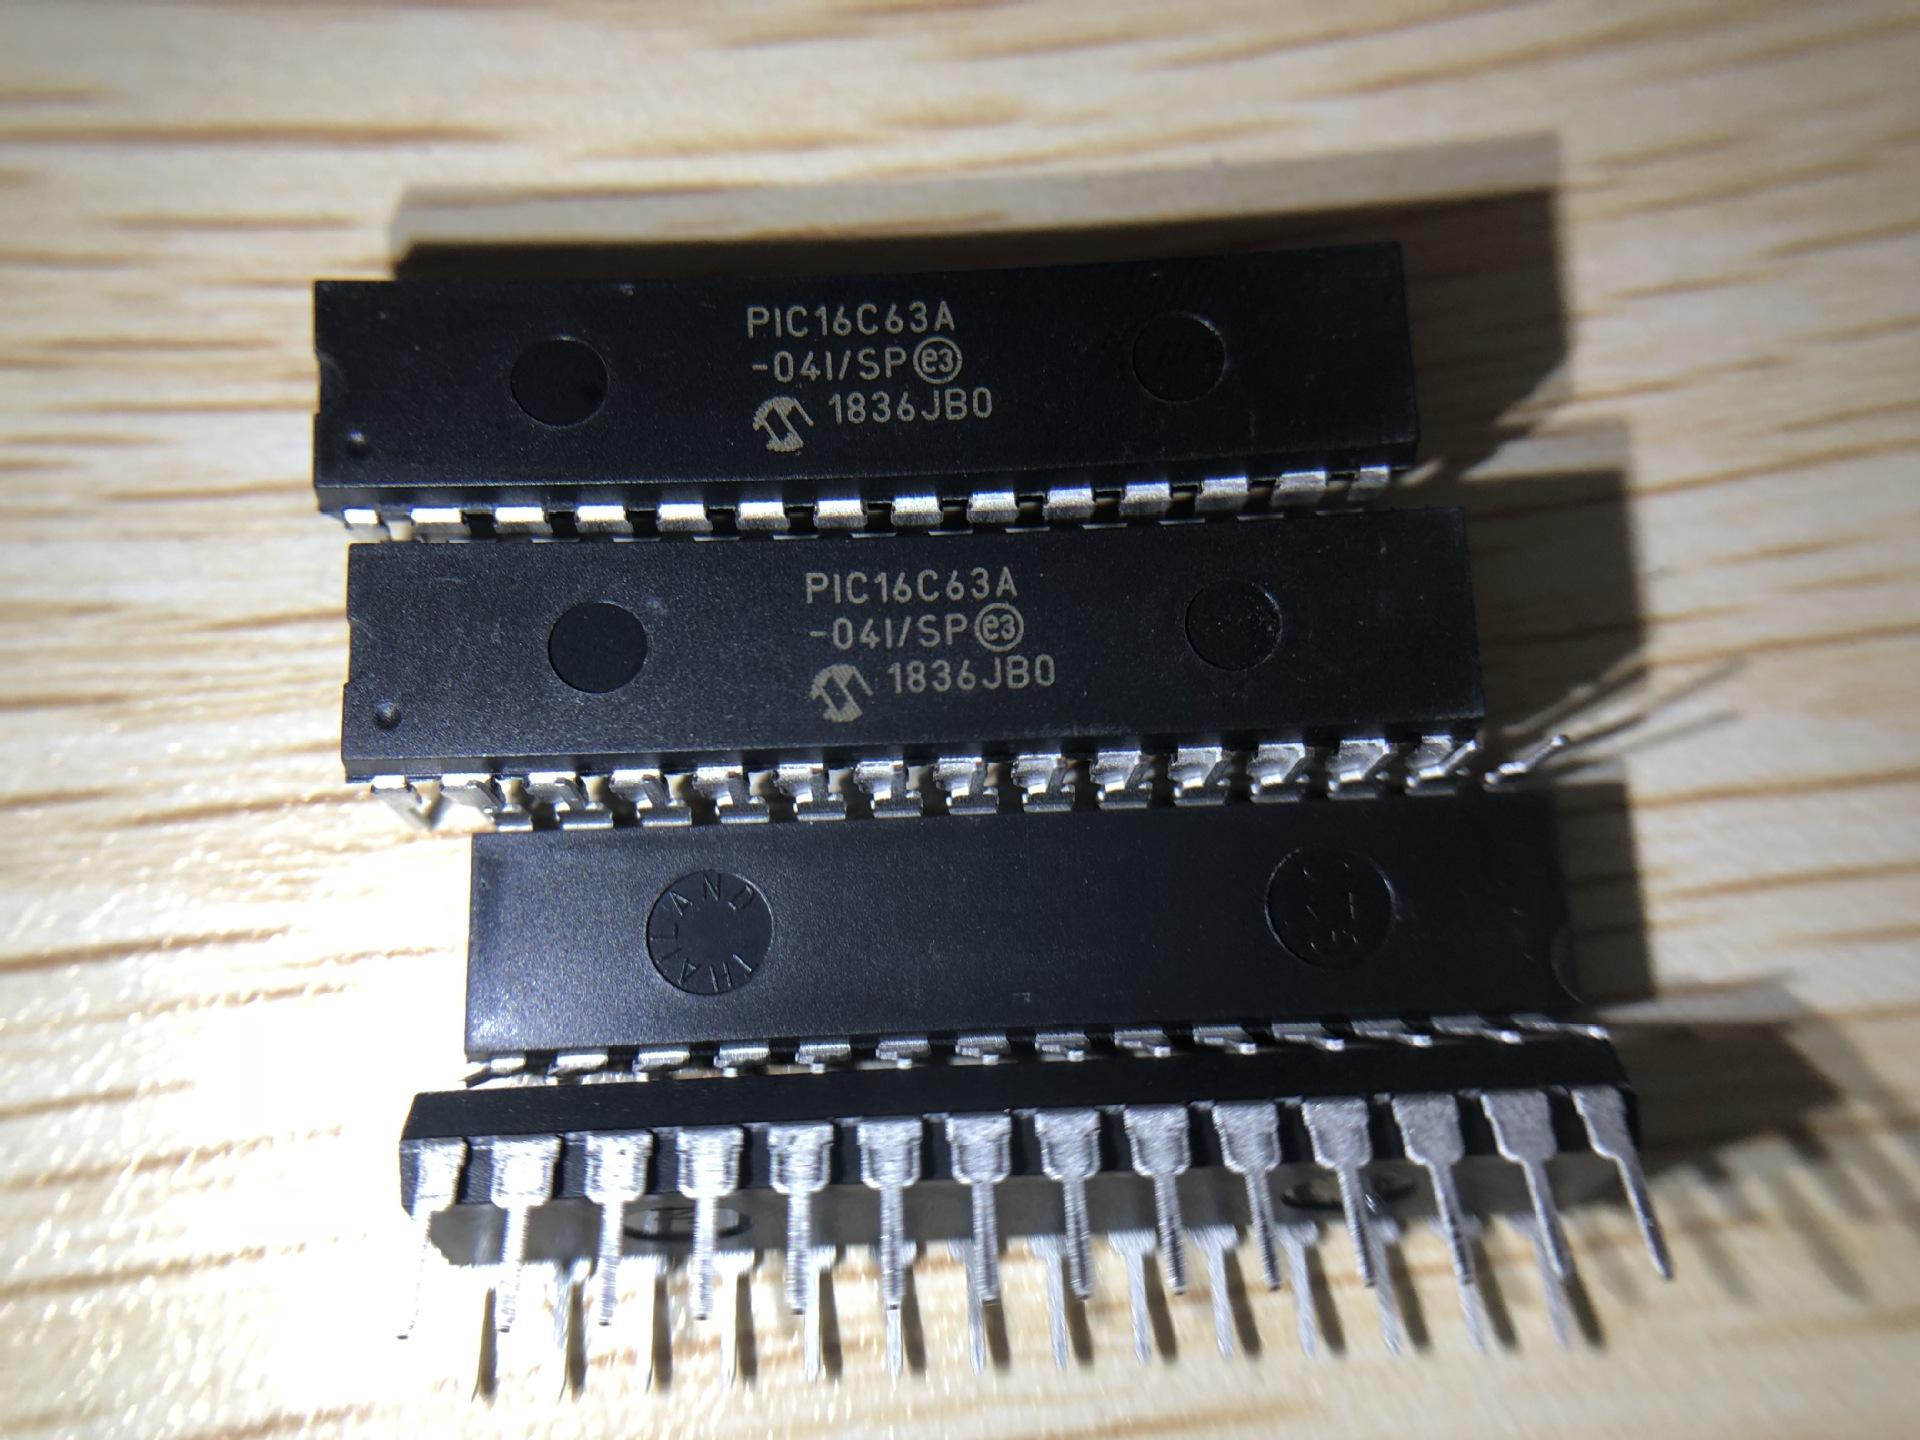 MICROHCIP IC tích hợp PIC16C63A-04I / SP linh kiện điện tử chính hãng tích hợp IC mạch tích hợp